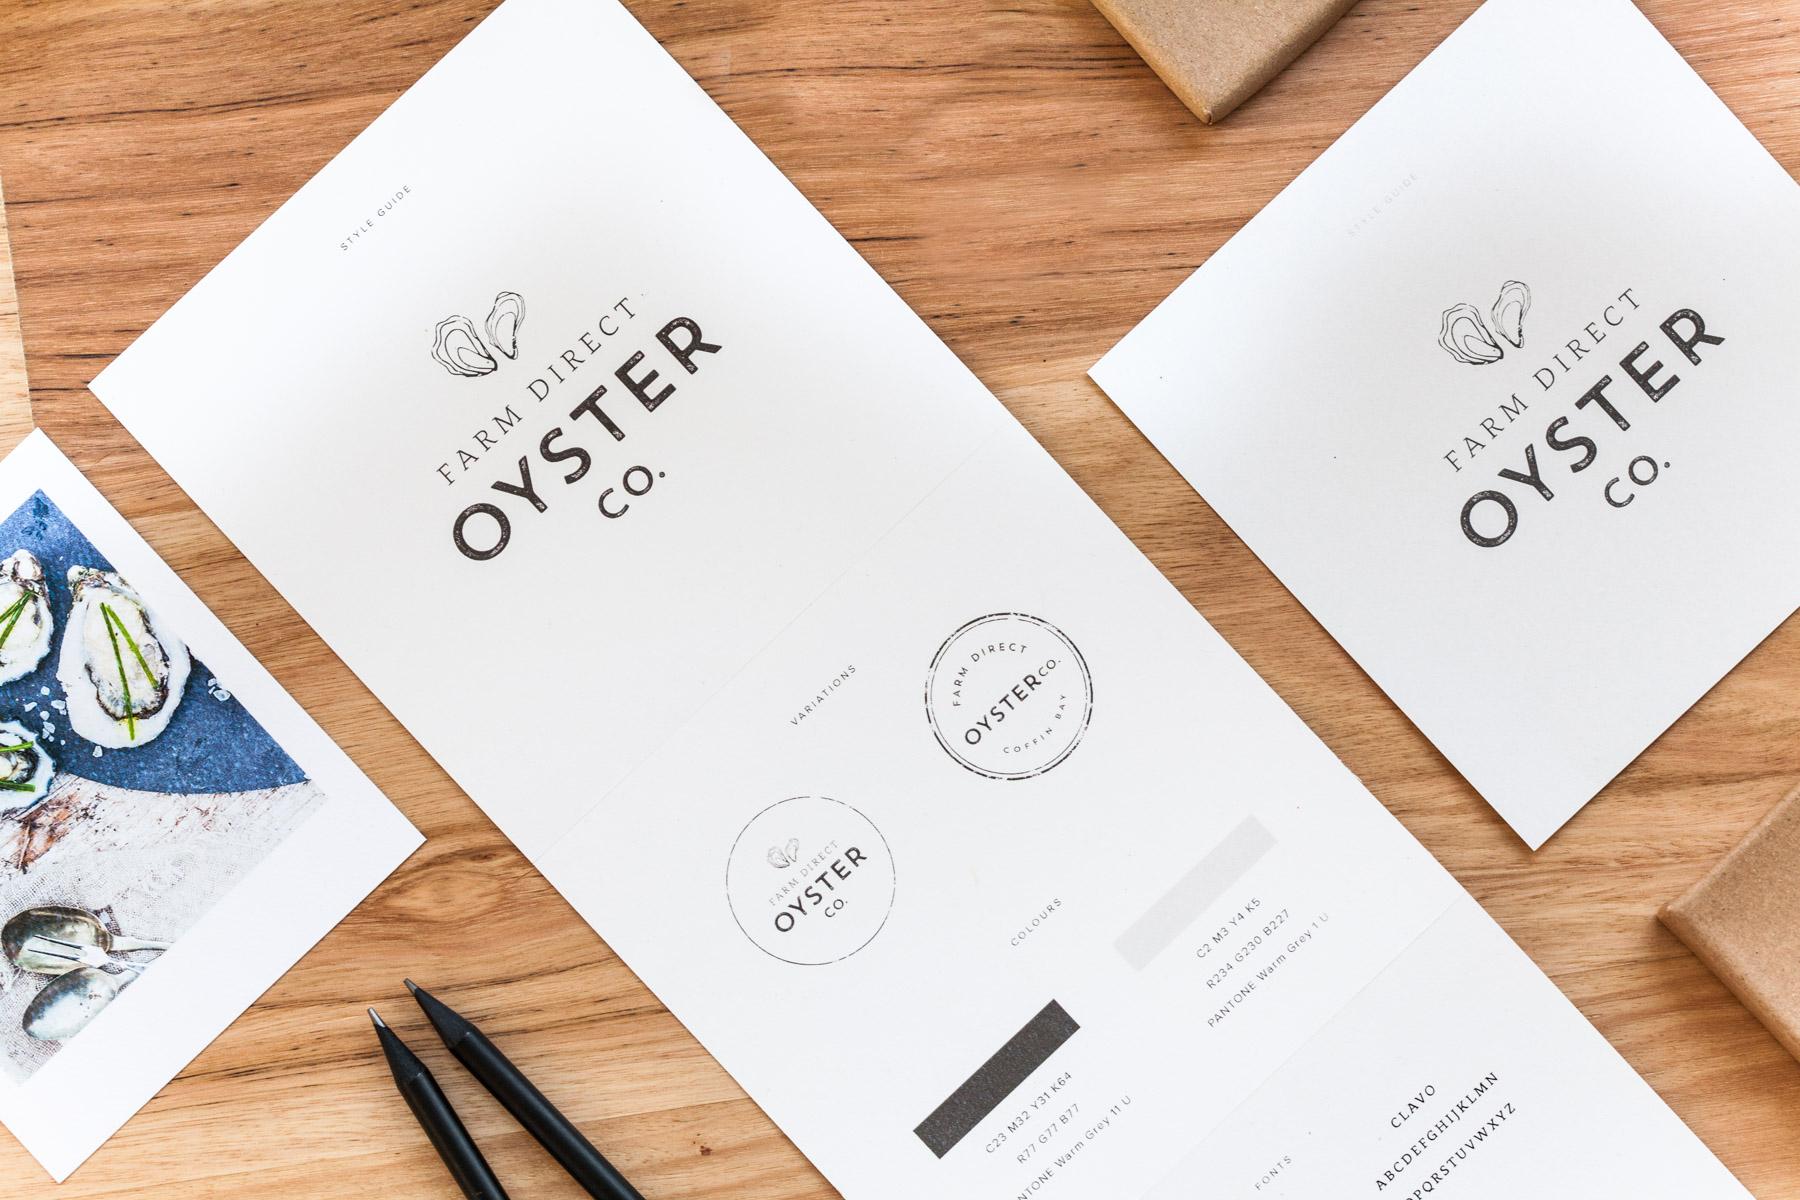 Farm-Direct-Oysters-IMG_2956-Edit.jpg